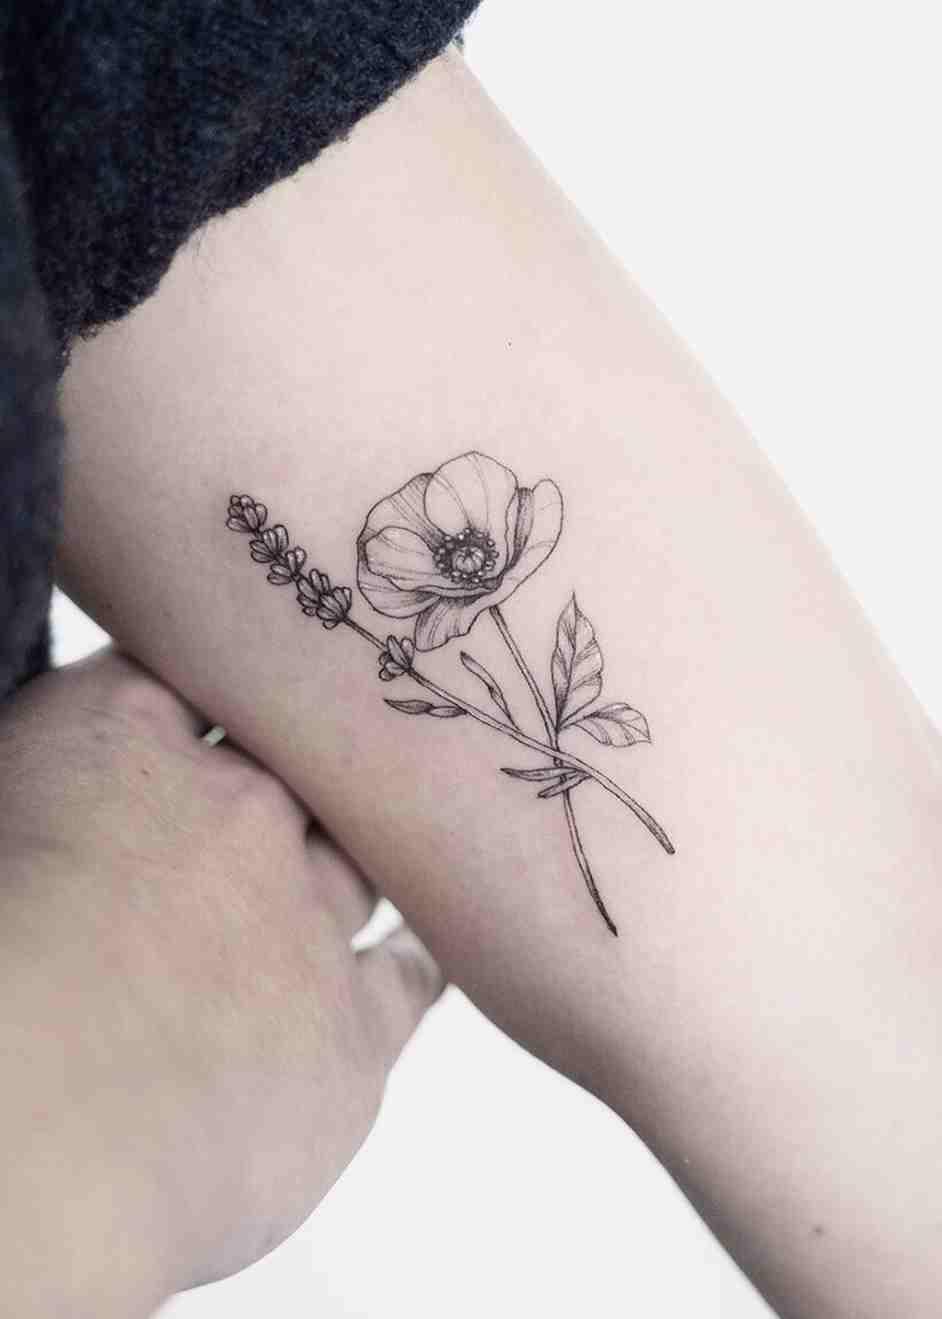 maryrain.tattoo